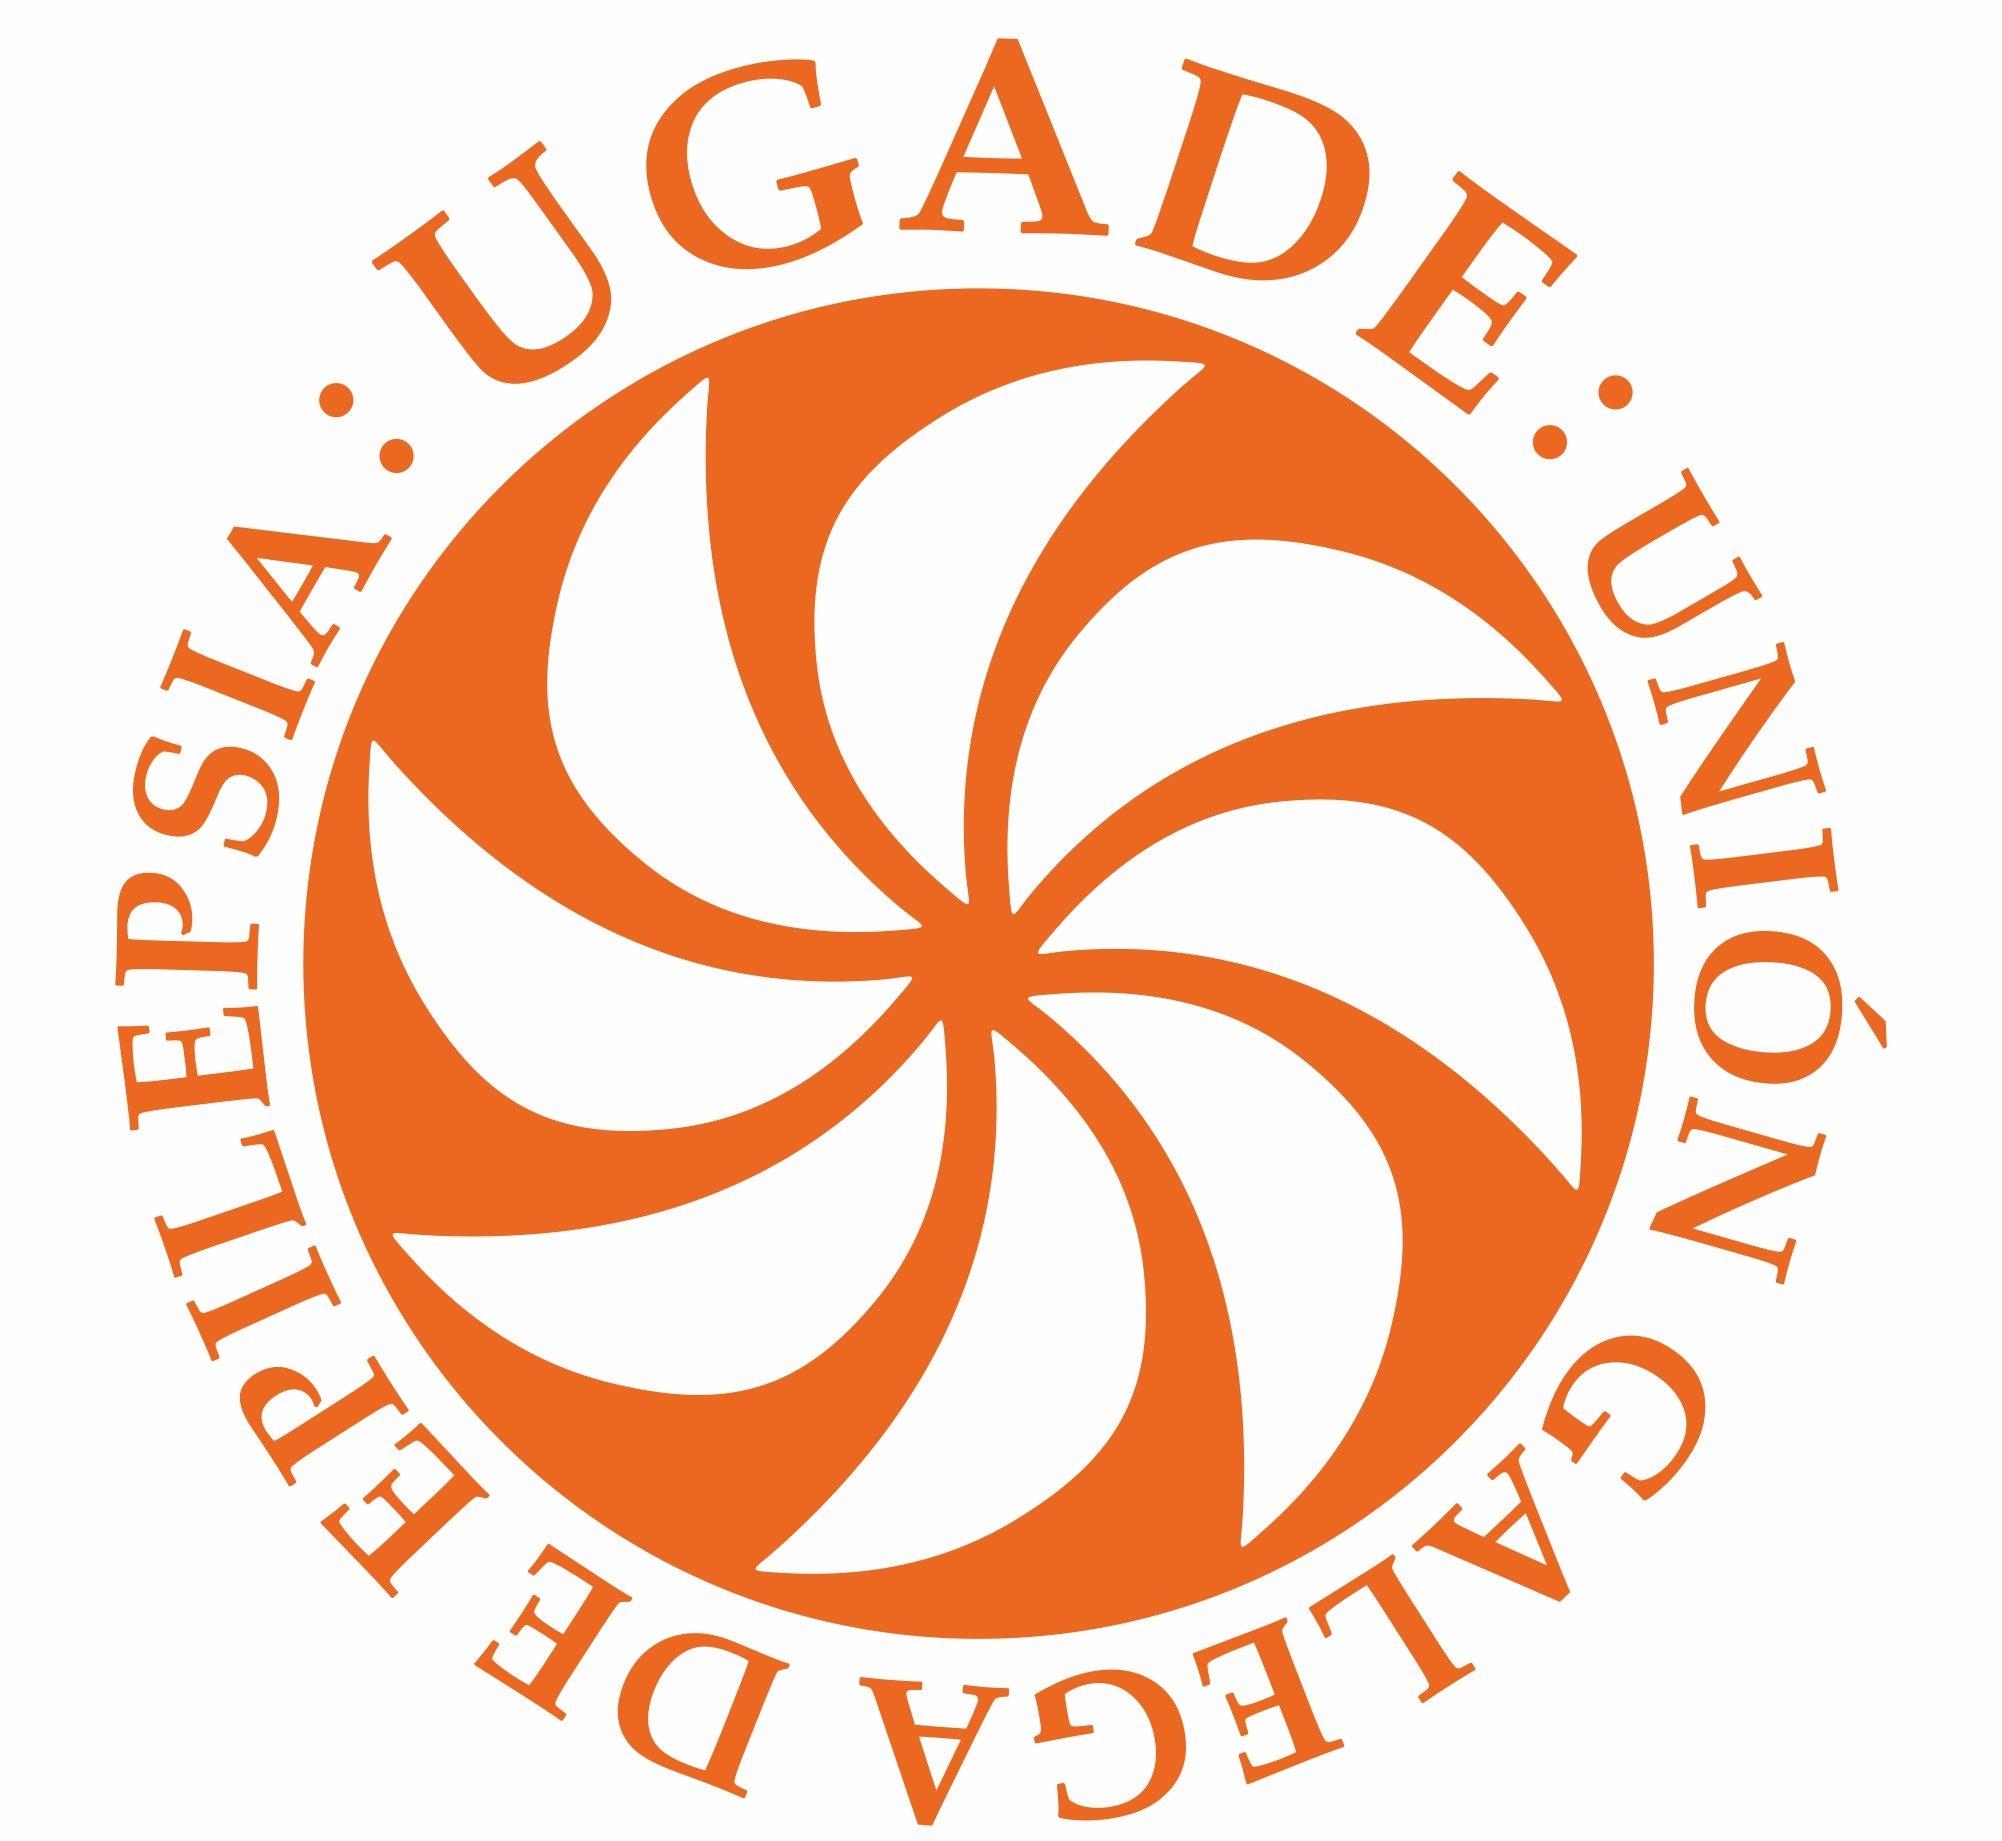 Unión Galega de epilepsia